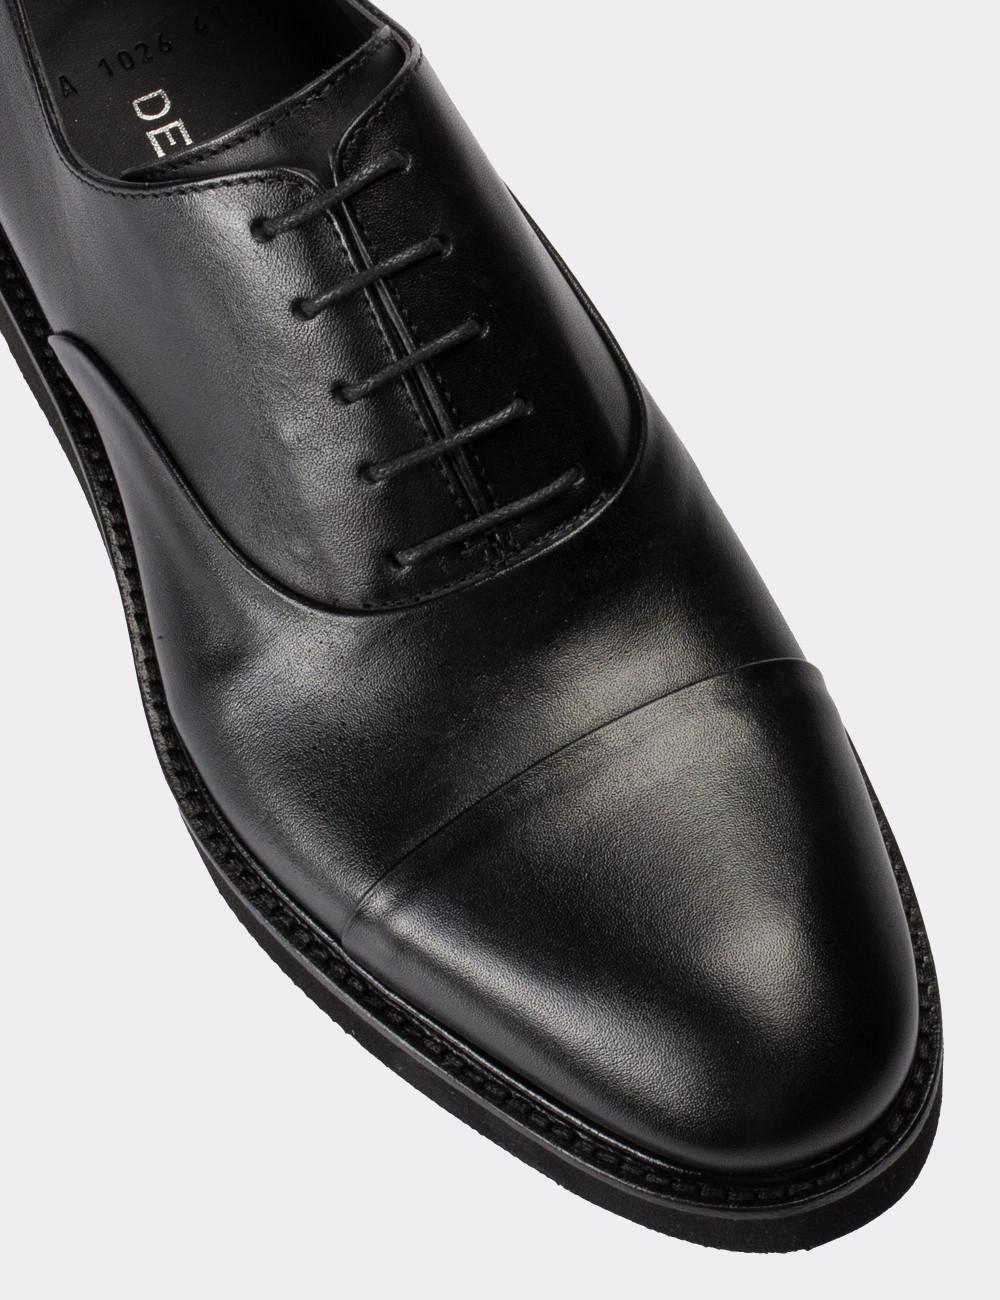 Hakiki Deri Siyah Günlük Erkek Ayakkabı - 01026MSYHE12